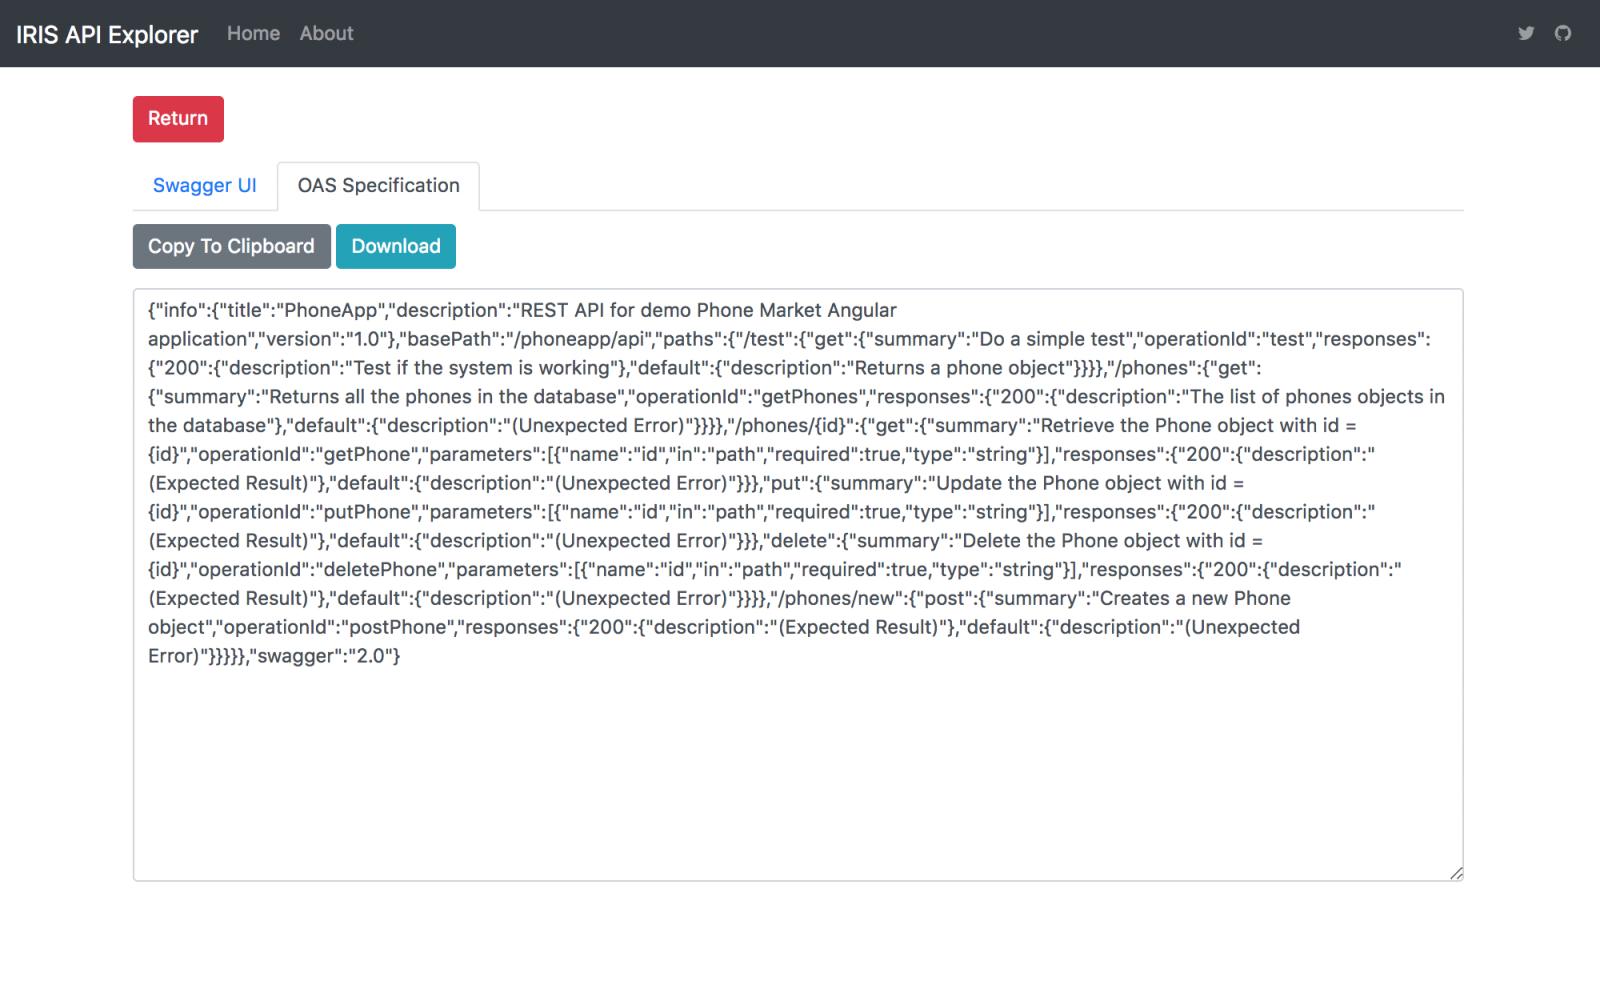 IRIS API Explorer Application | InterSystems Developer